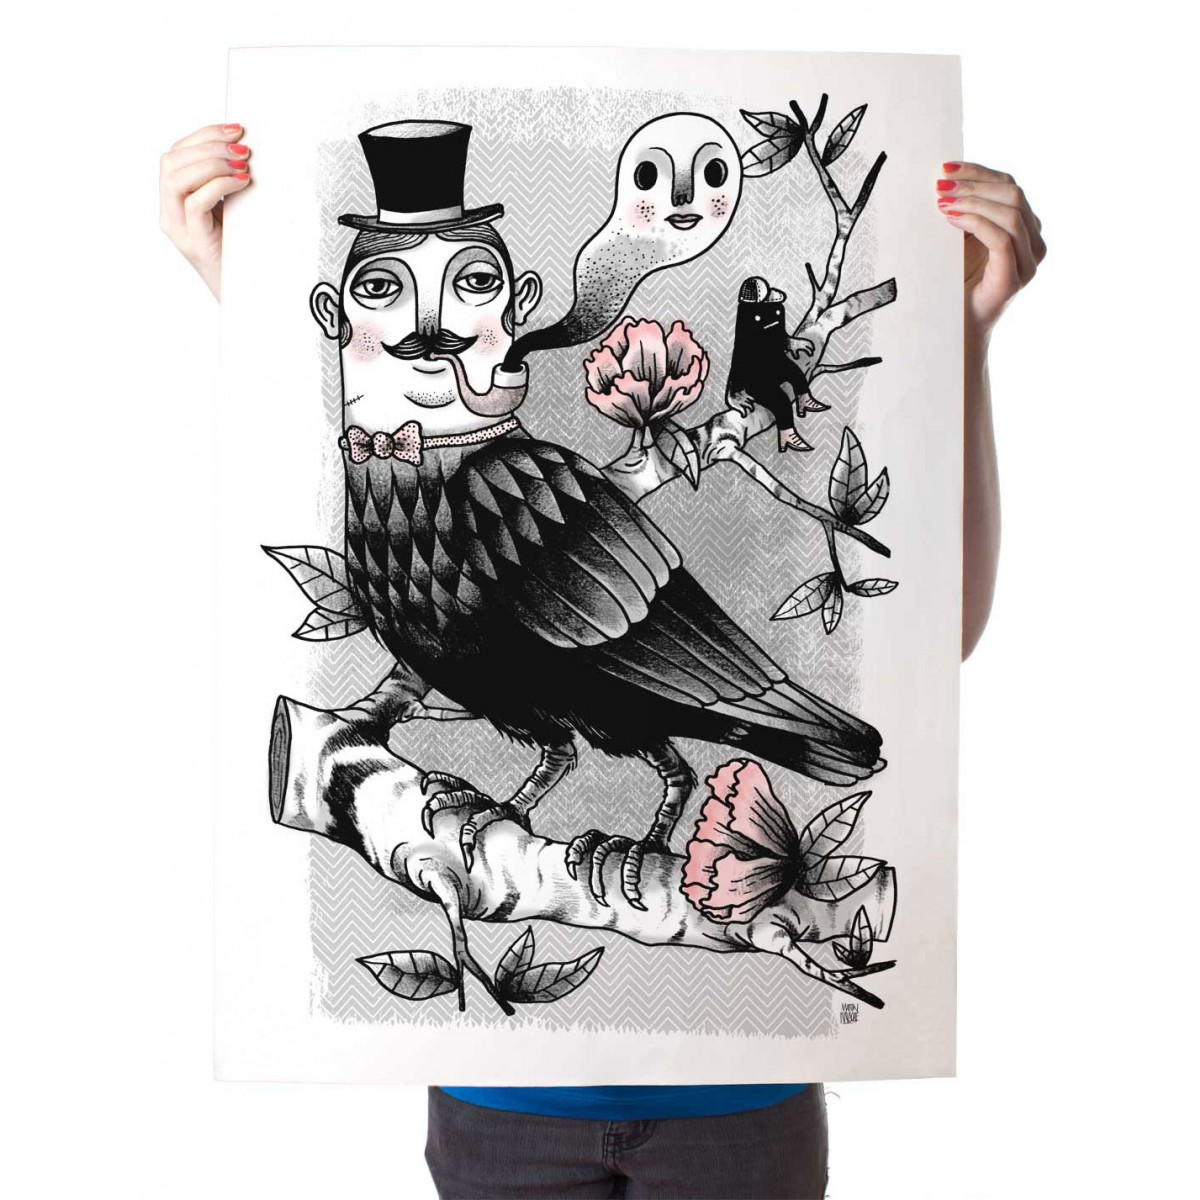 Poster »Corbus Gentleman« 50x70cm, Illustration von Martin Krusche